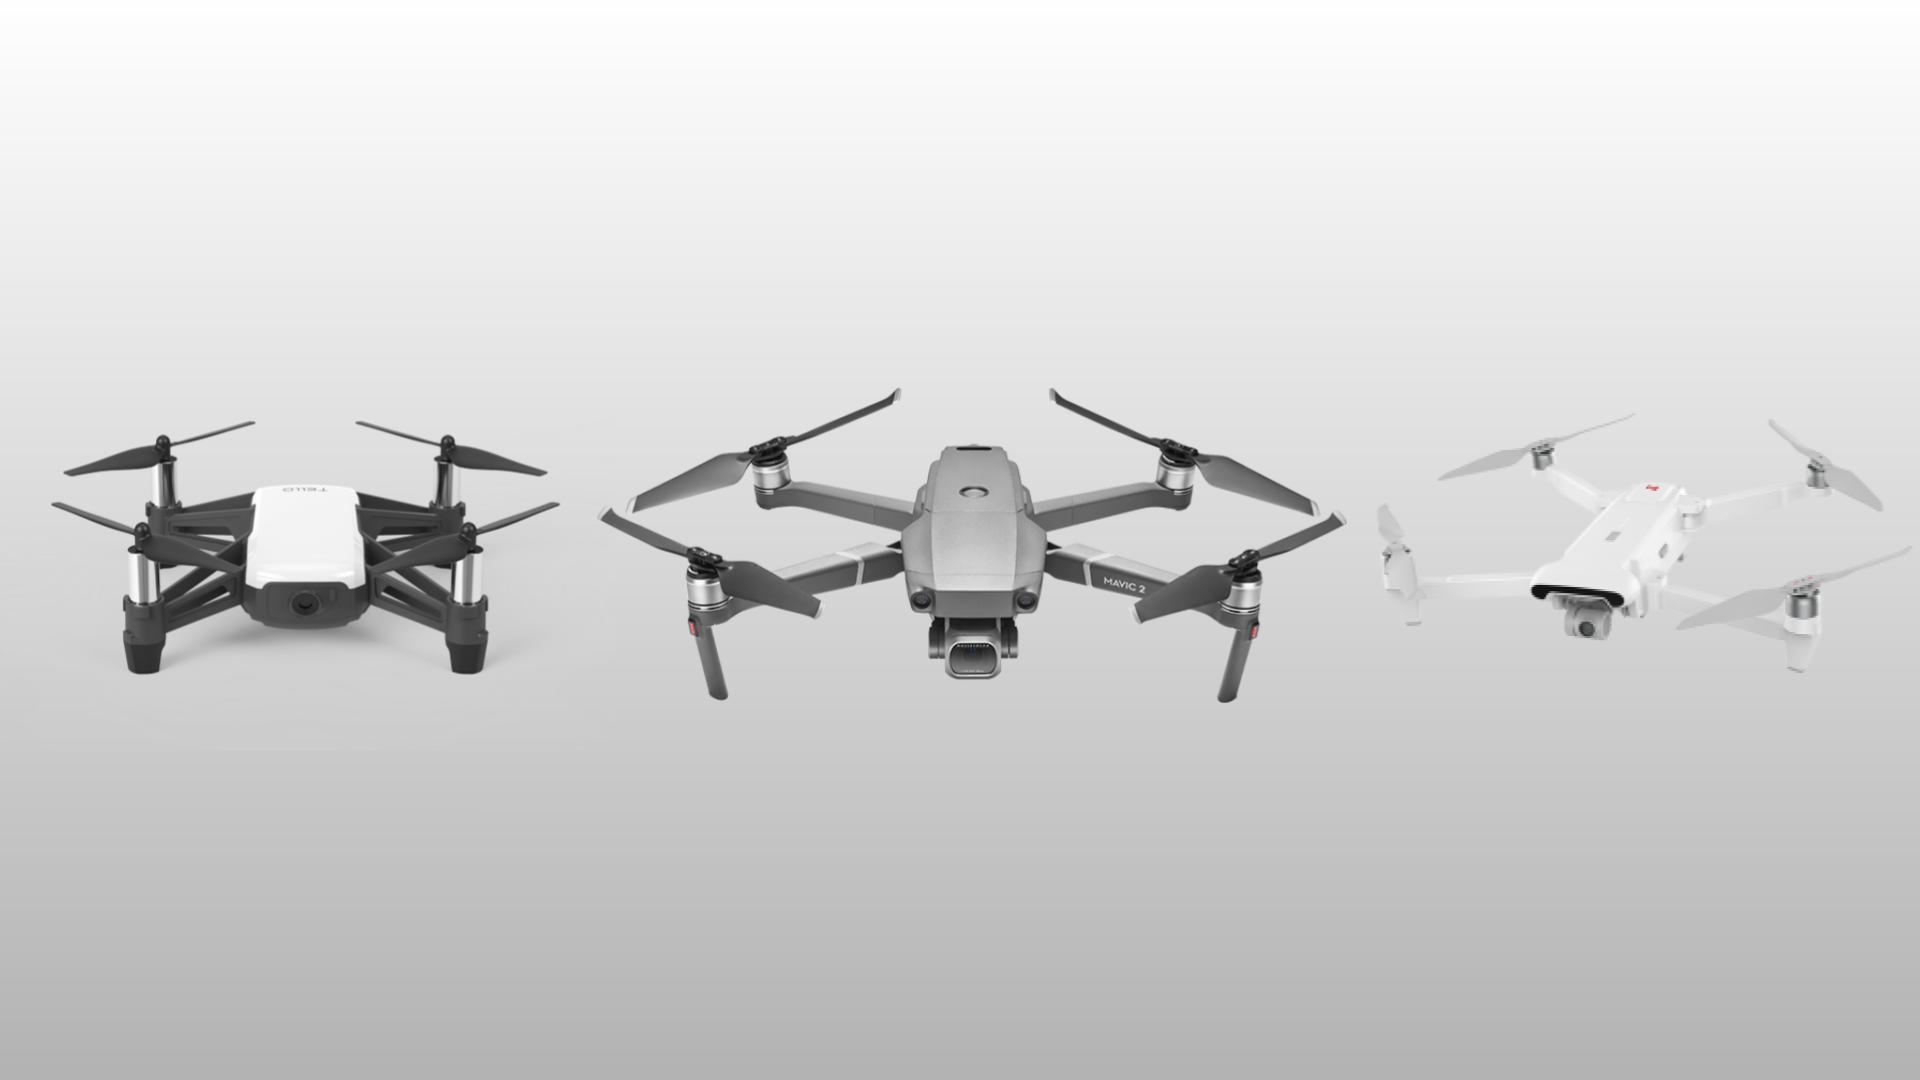 Des drones DJI Ryze, DJI Mavic et Xiaomi à partir de 71 euros sur GearBest